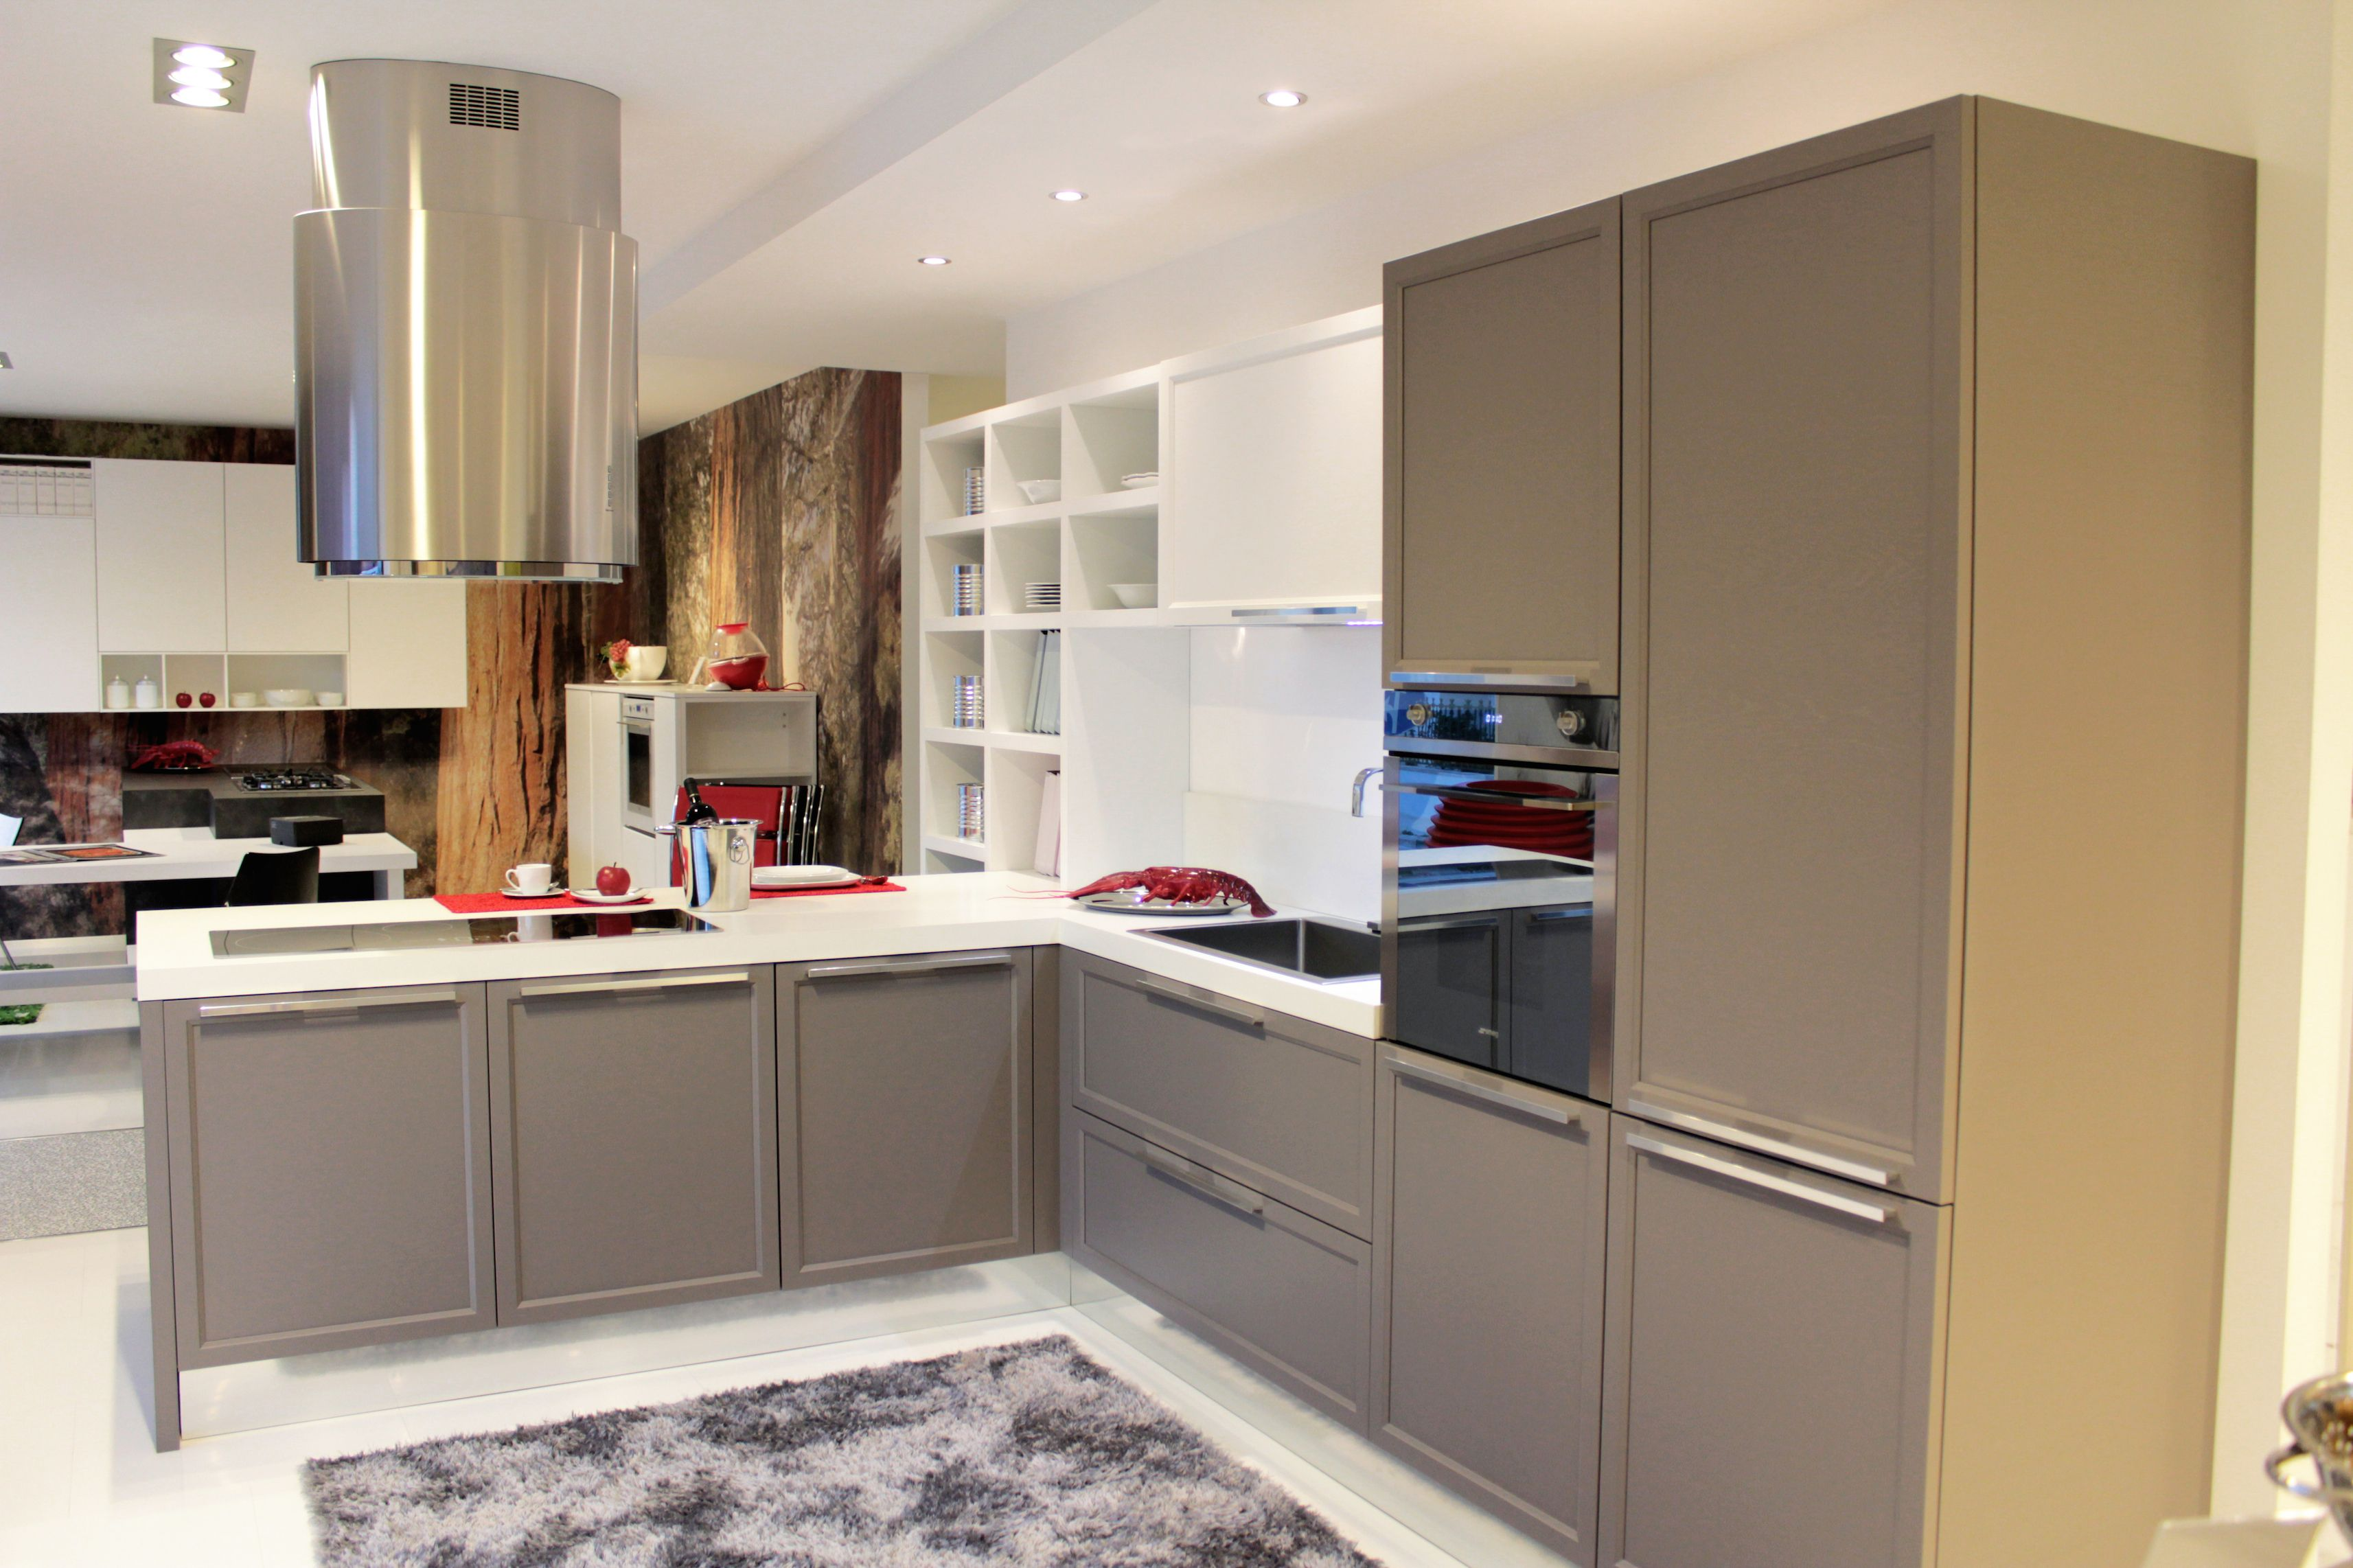 PromoCucine ecco la #cucina Lipari di Copat & co.soluzioni d ...